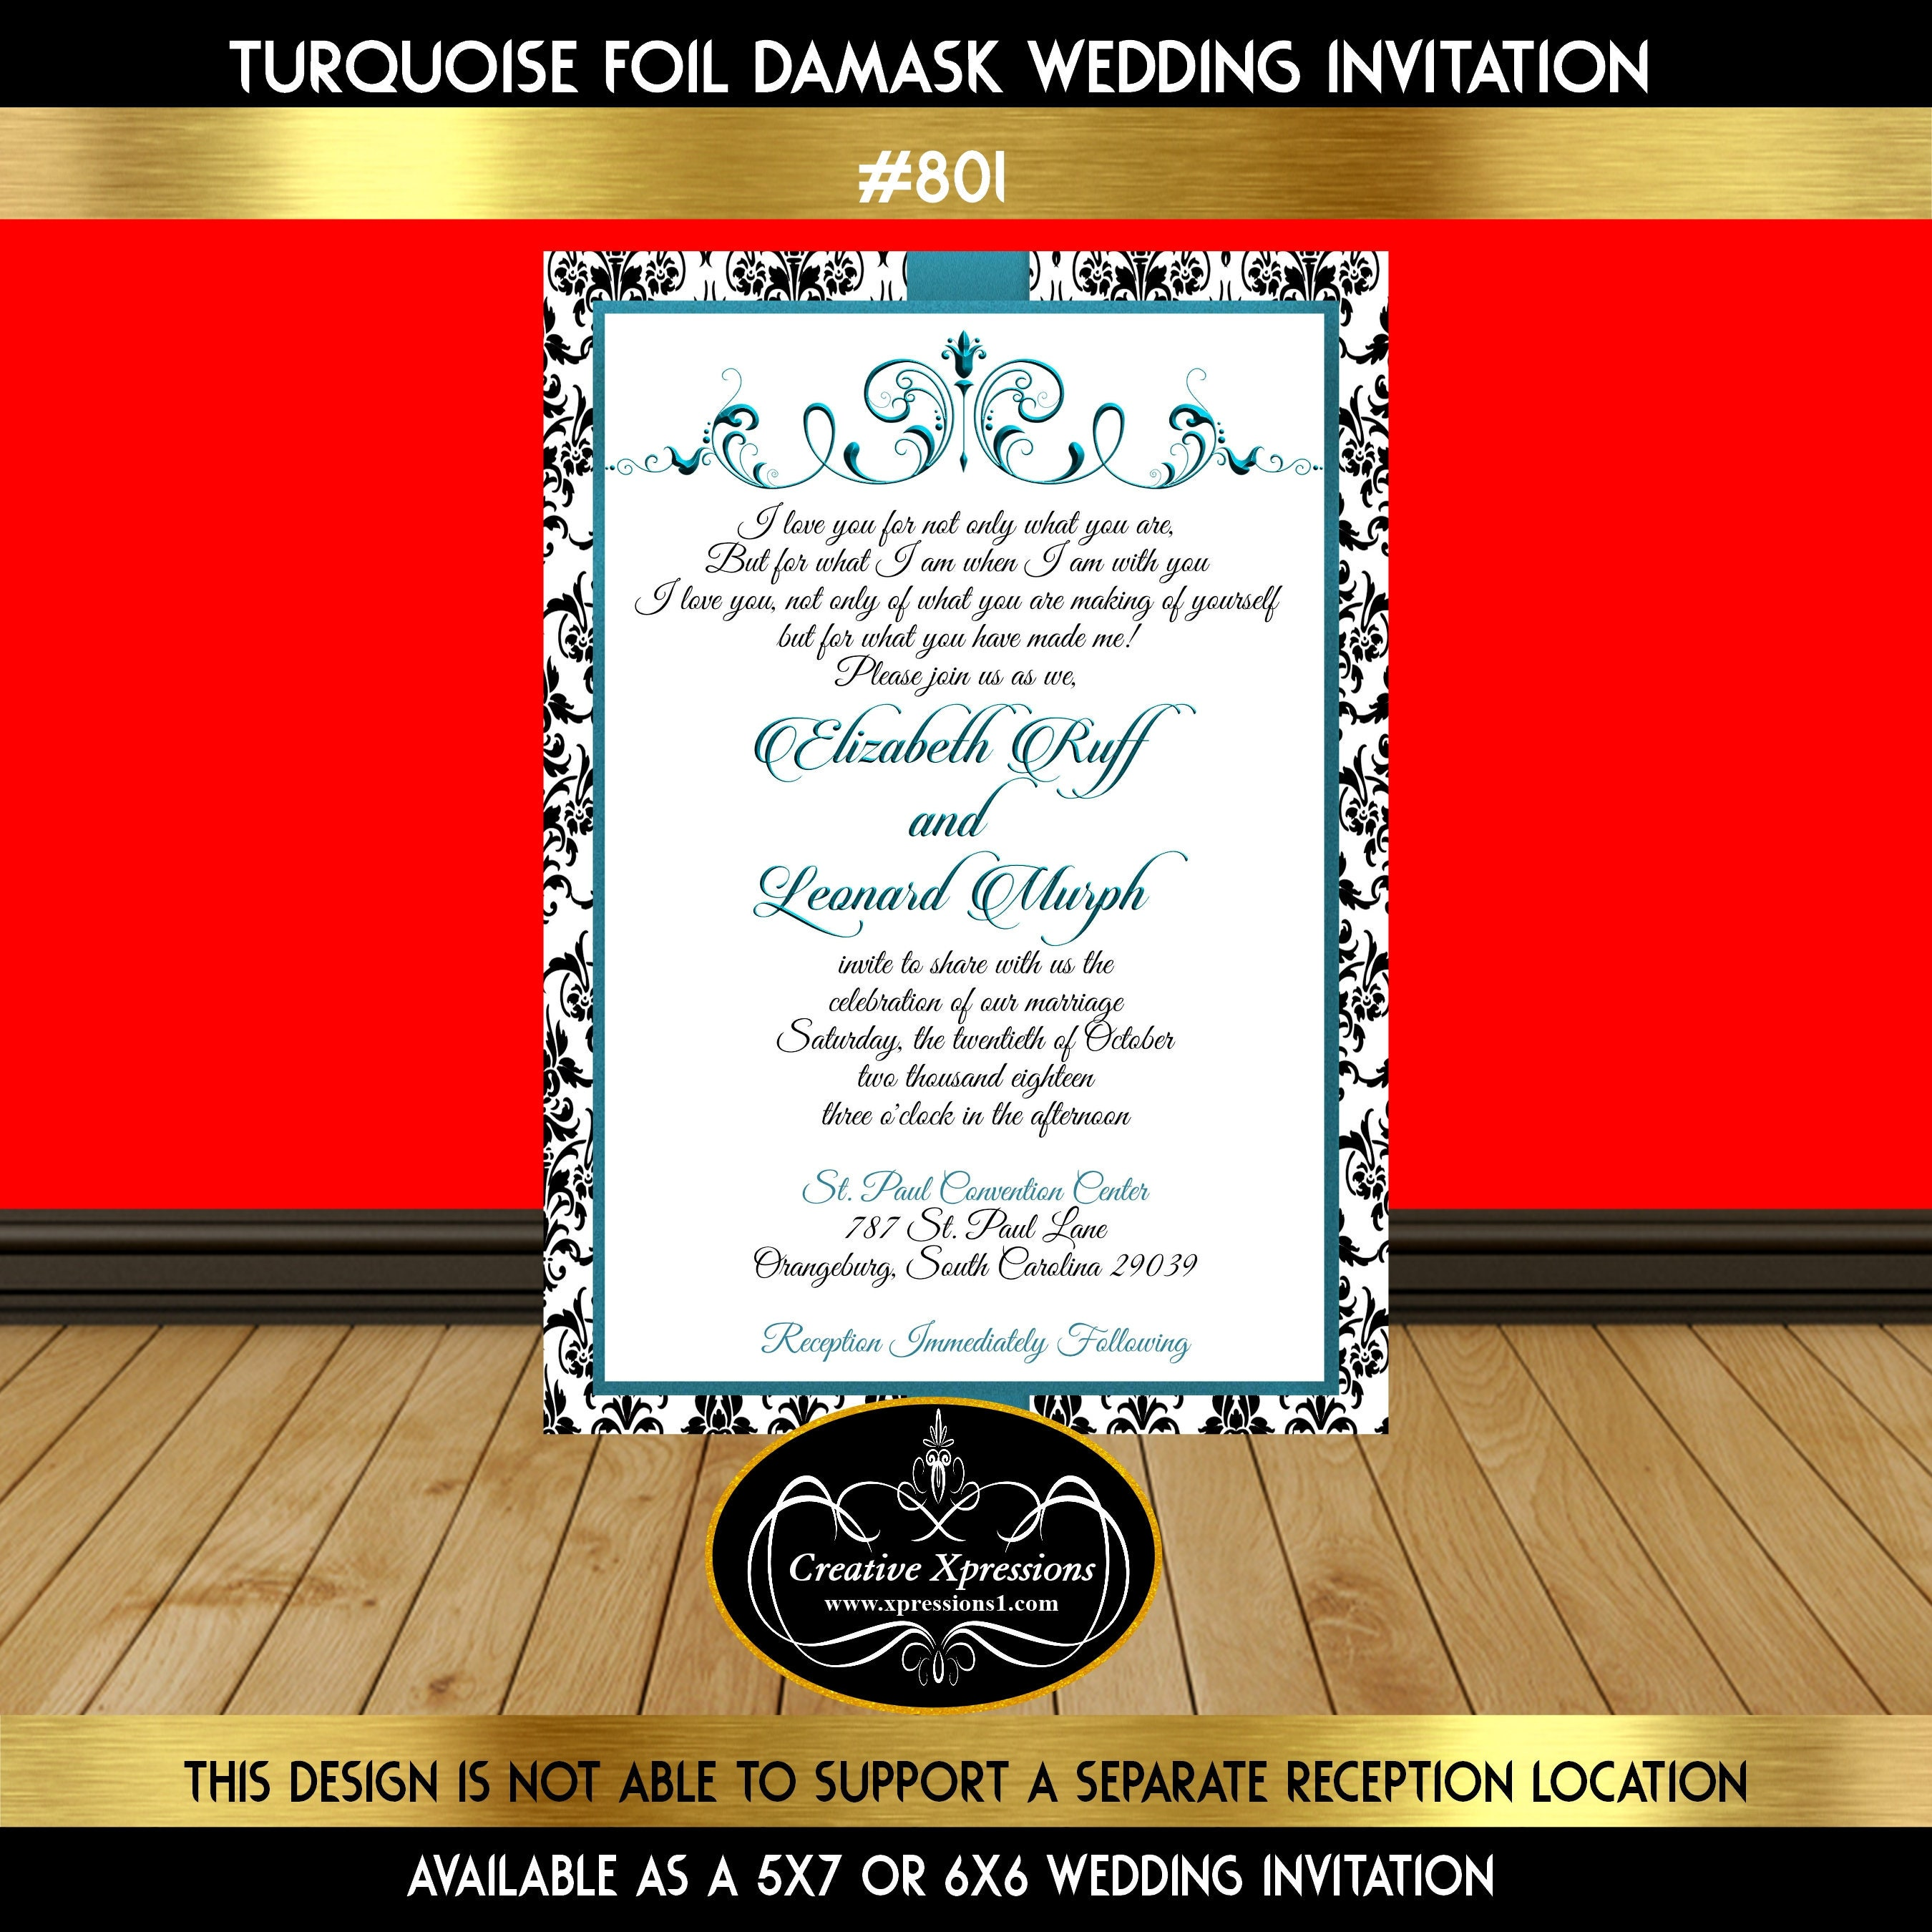 Turquoise Foil Damask Wedding Invitation Turquoise and Black | Etsy